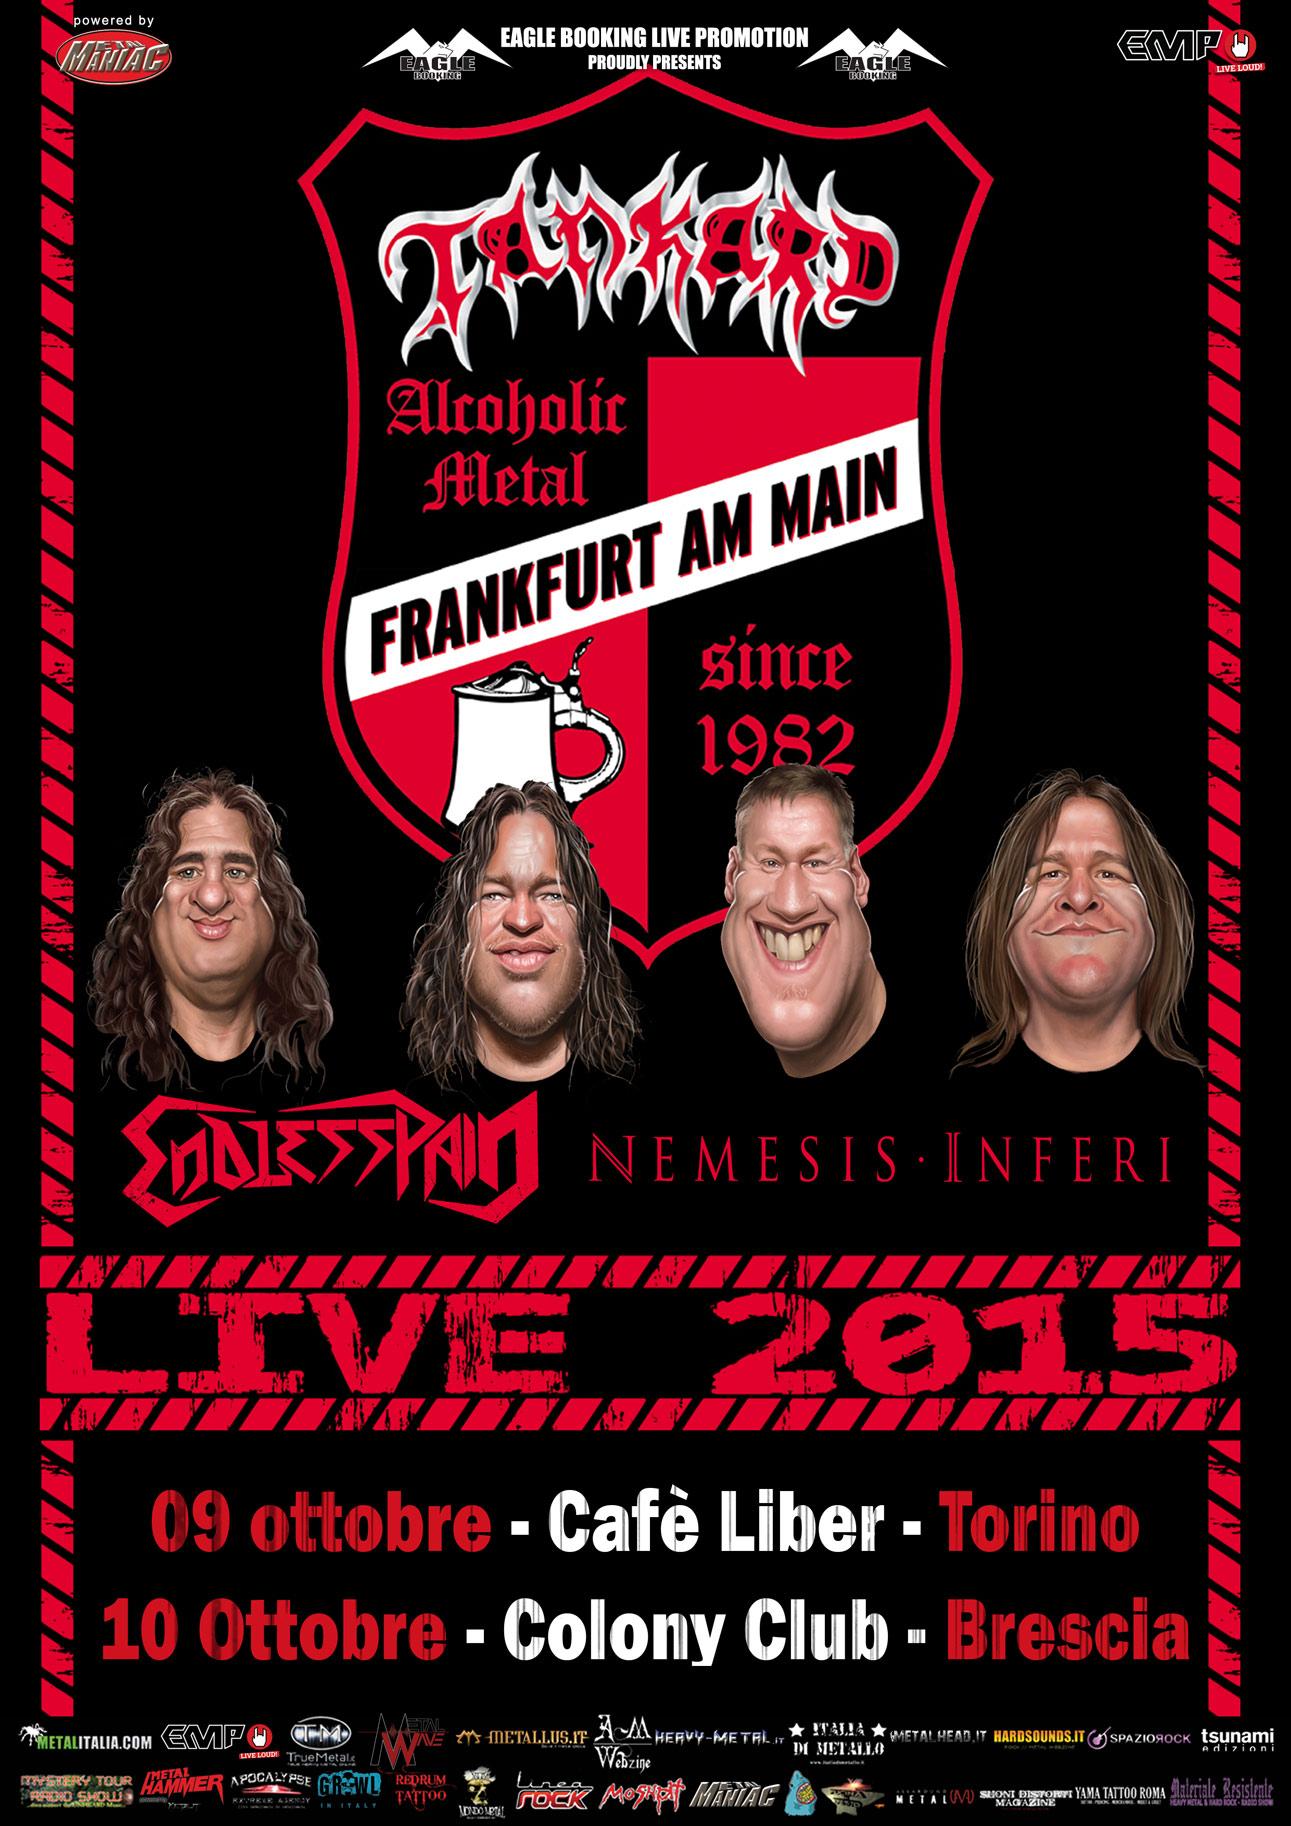 Nemesis Inferi + Tankard Live Tour 2015